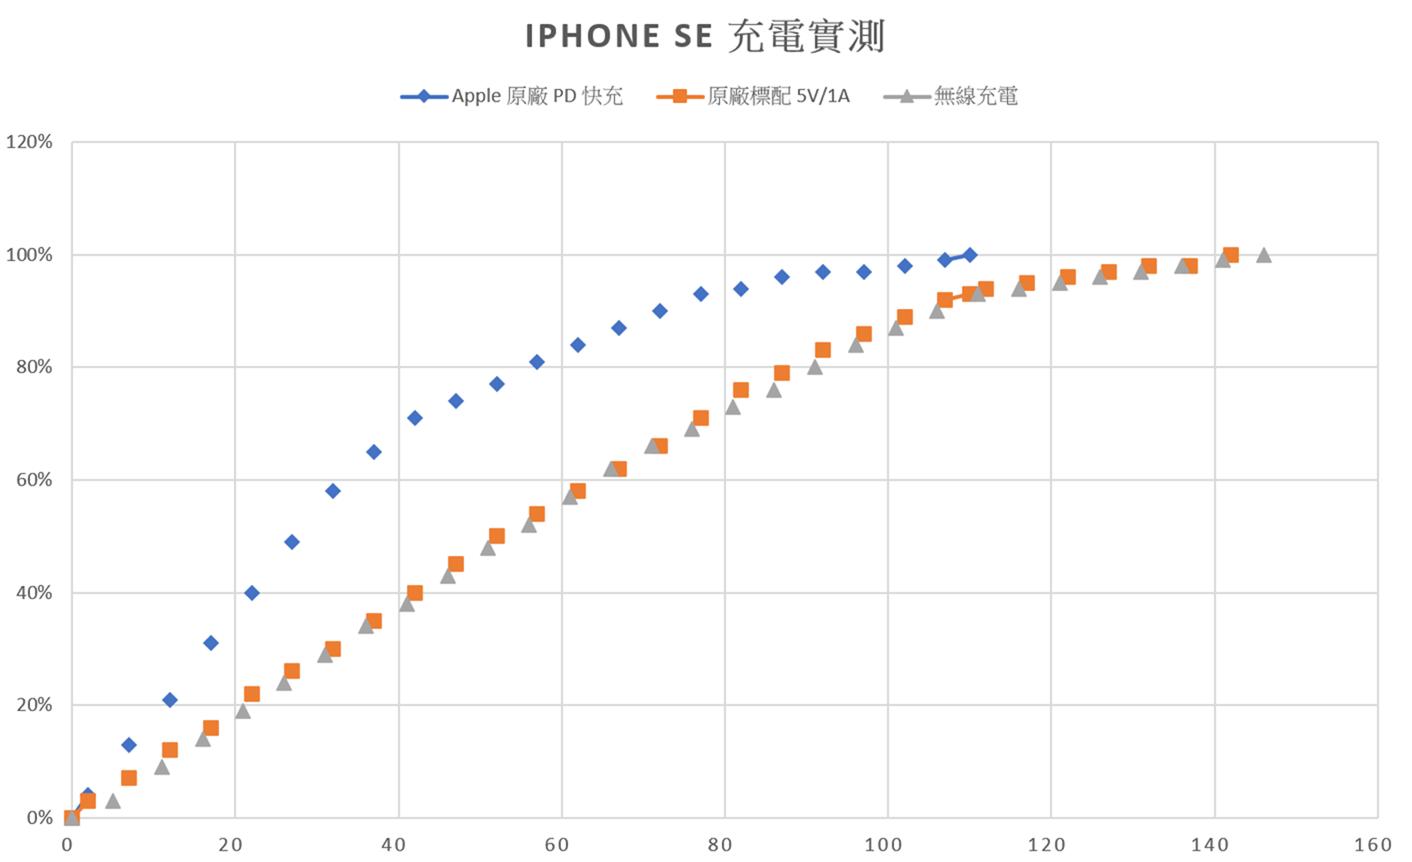 照片中提到了IPHONE SE KETN、一Apple 原廠 PD 快充、+ARRT 5V/1A,包含了情節、場地A /地塊M處置場地、產品設計、角度、線